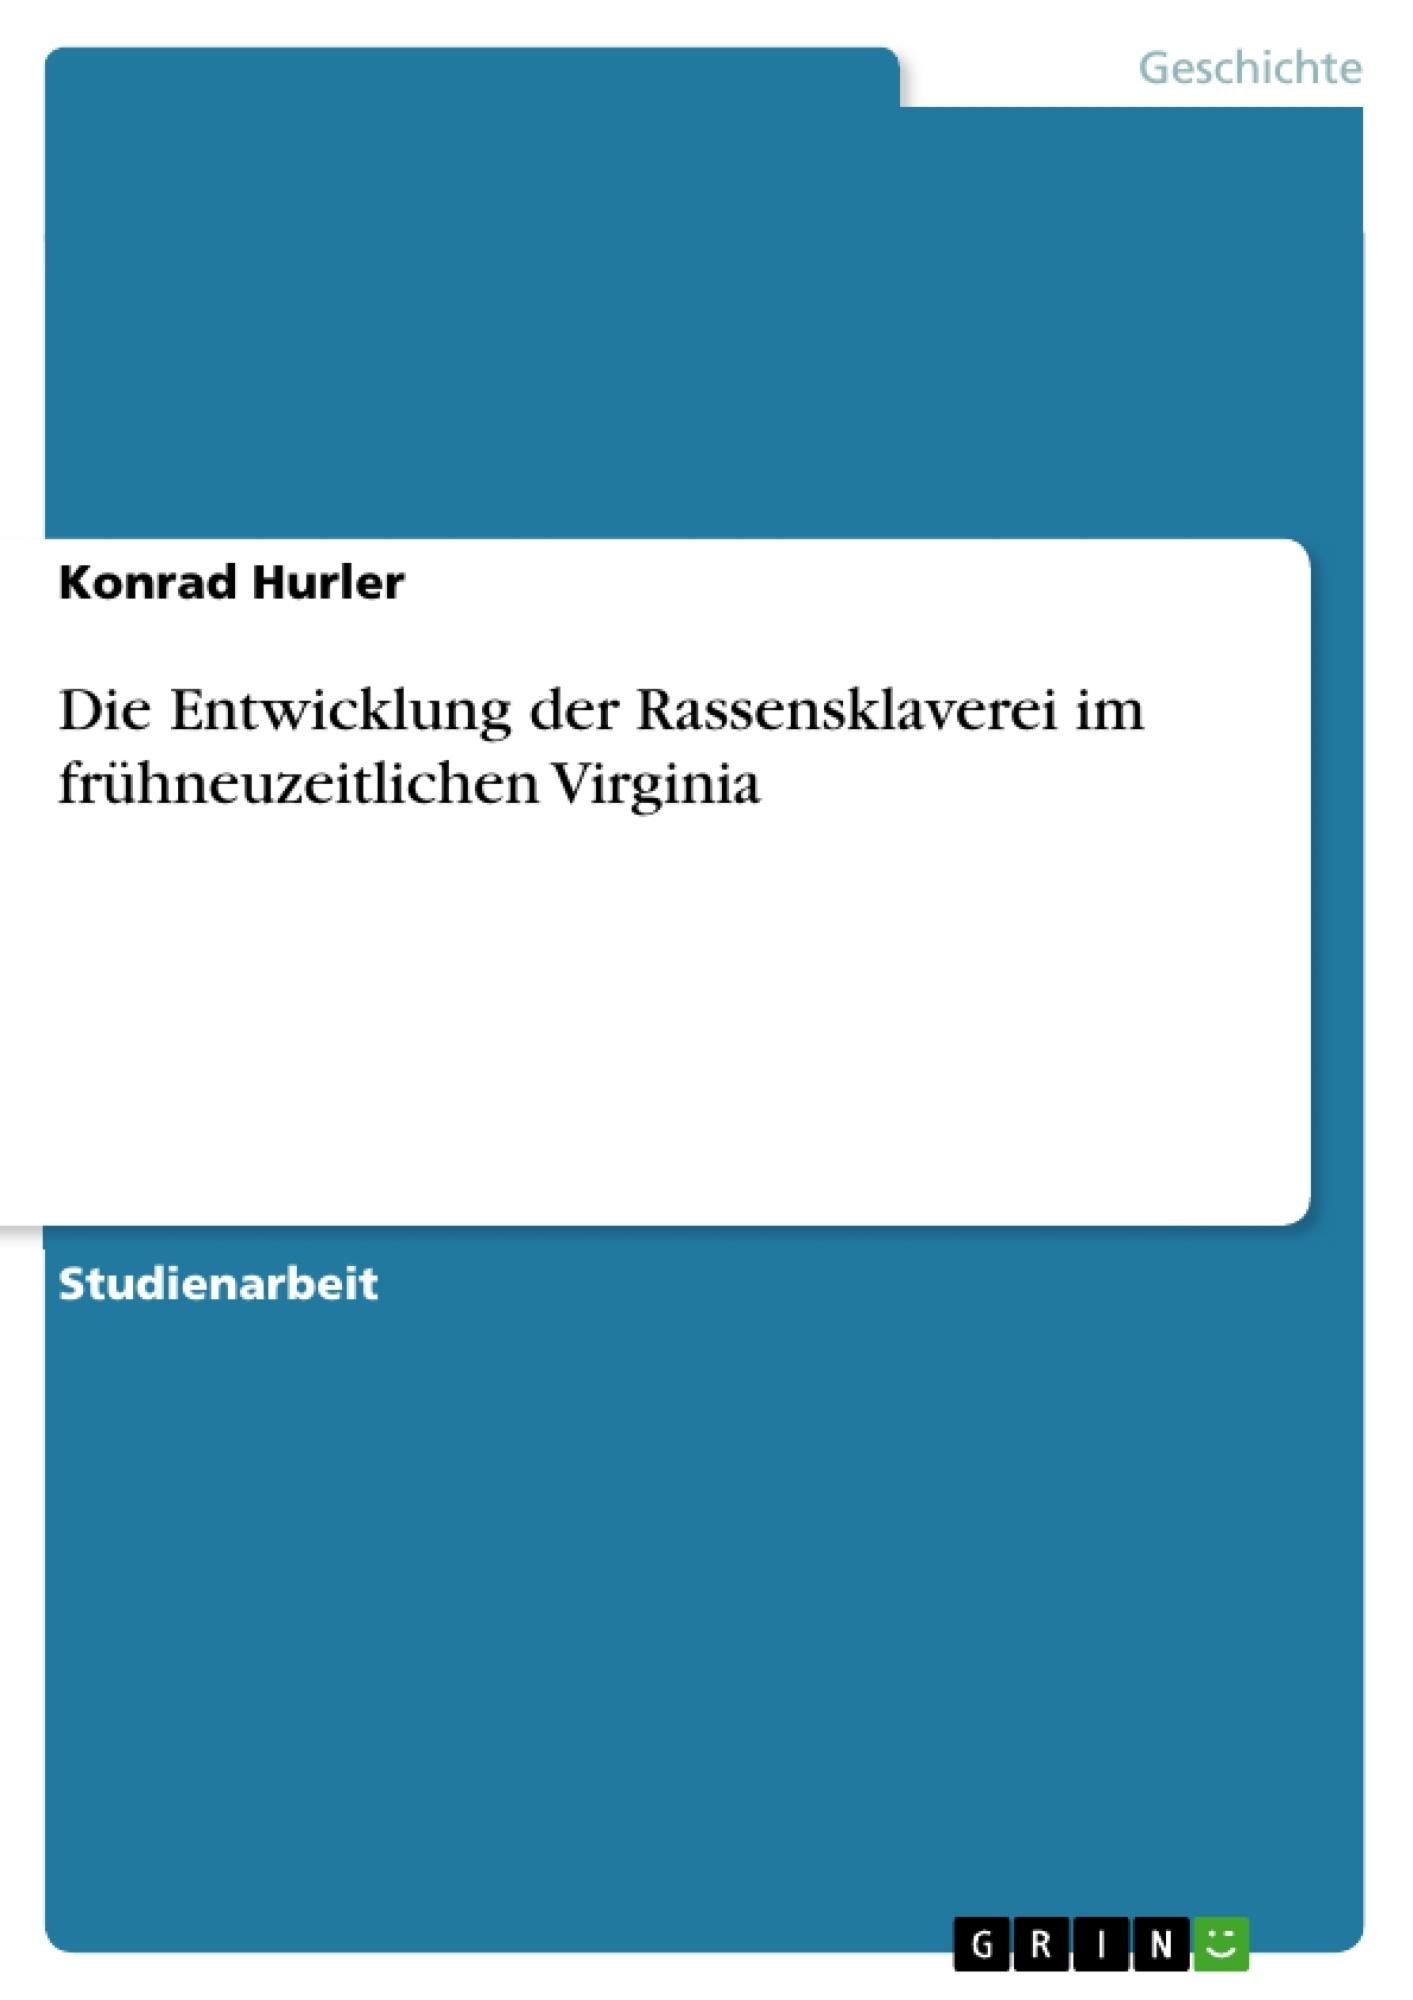 Titel: Die Entwicklung der Rassensklaverei im frühneuzeitlichen Virginia